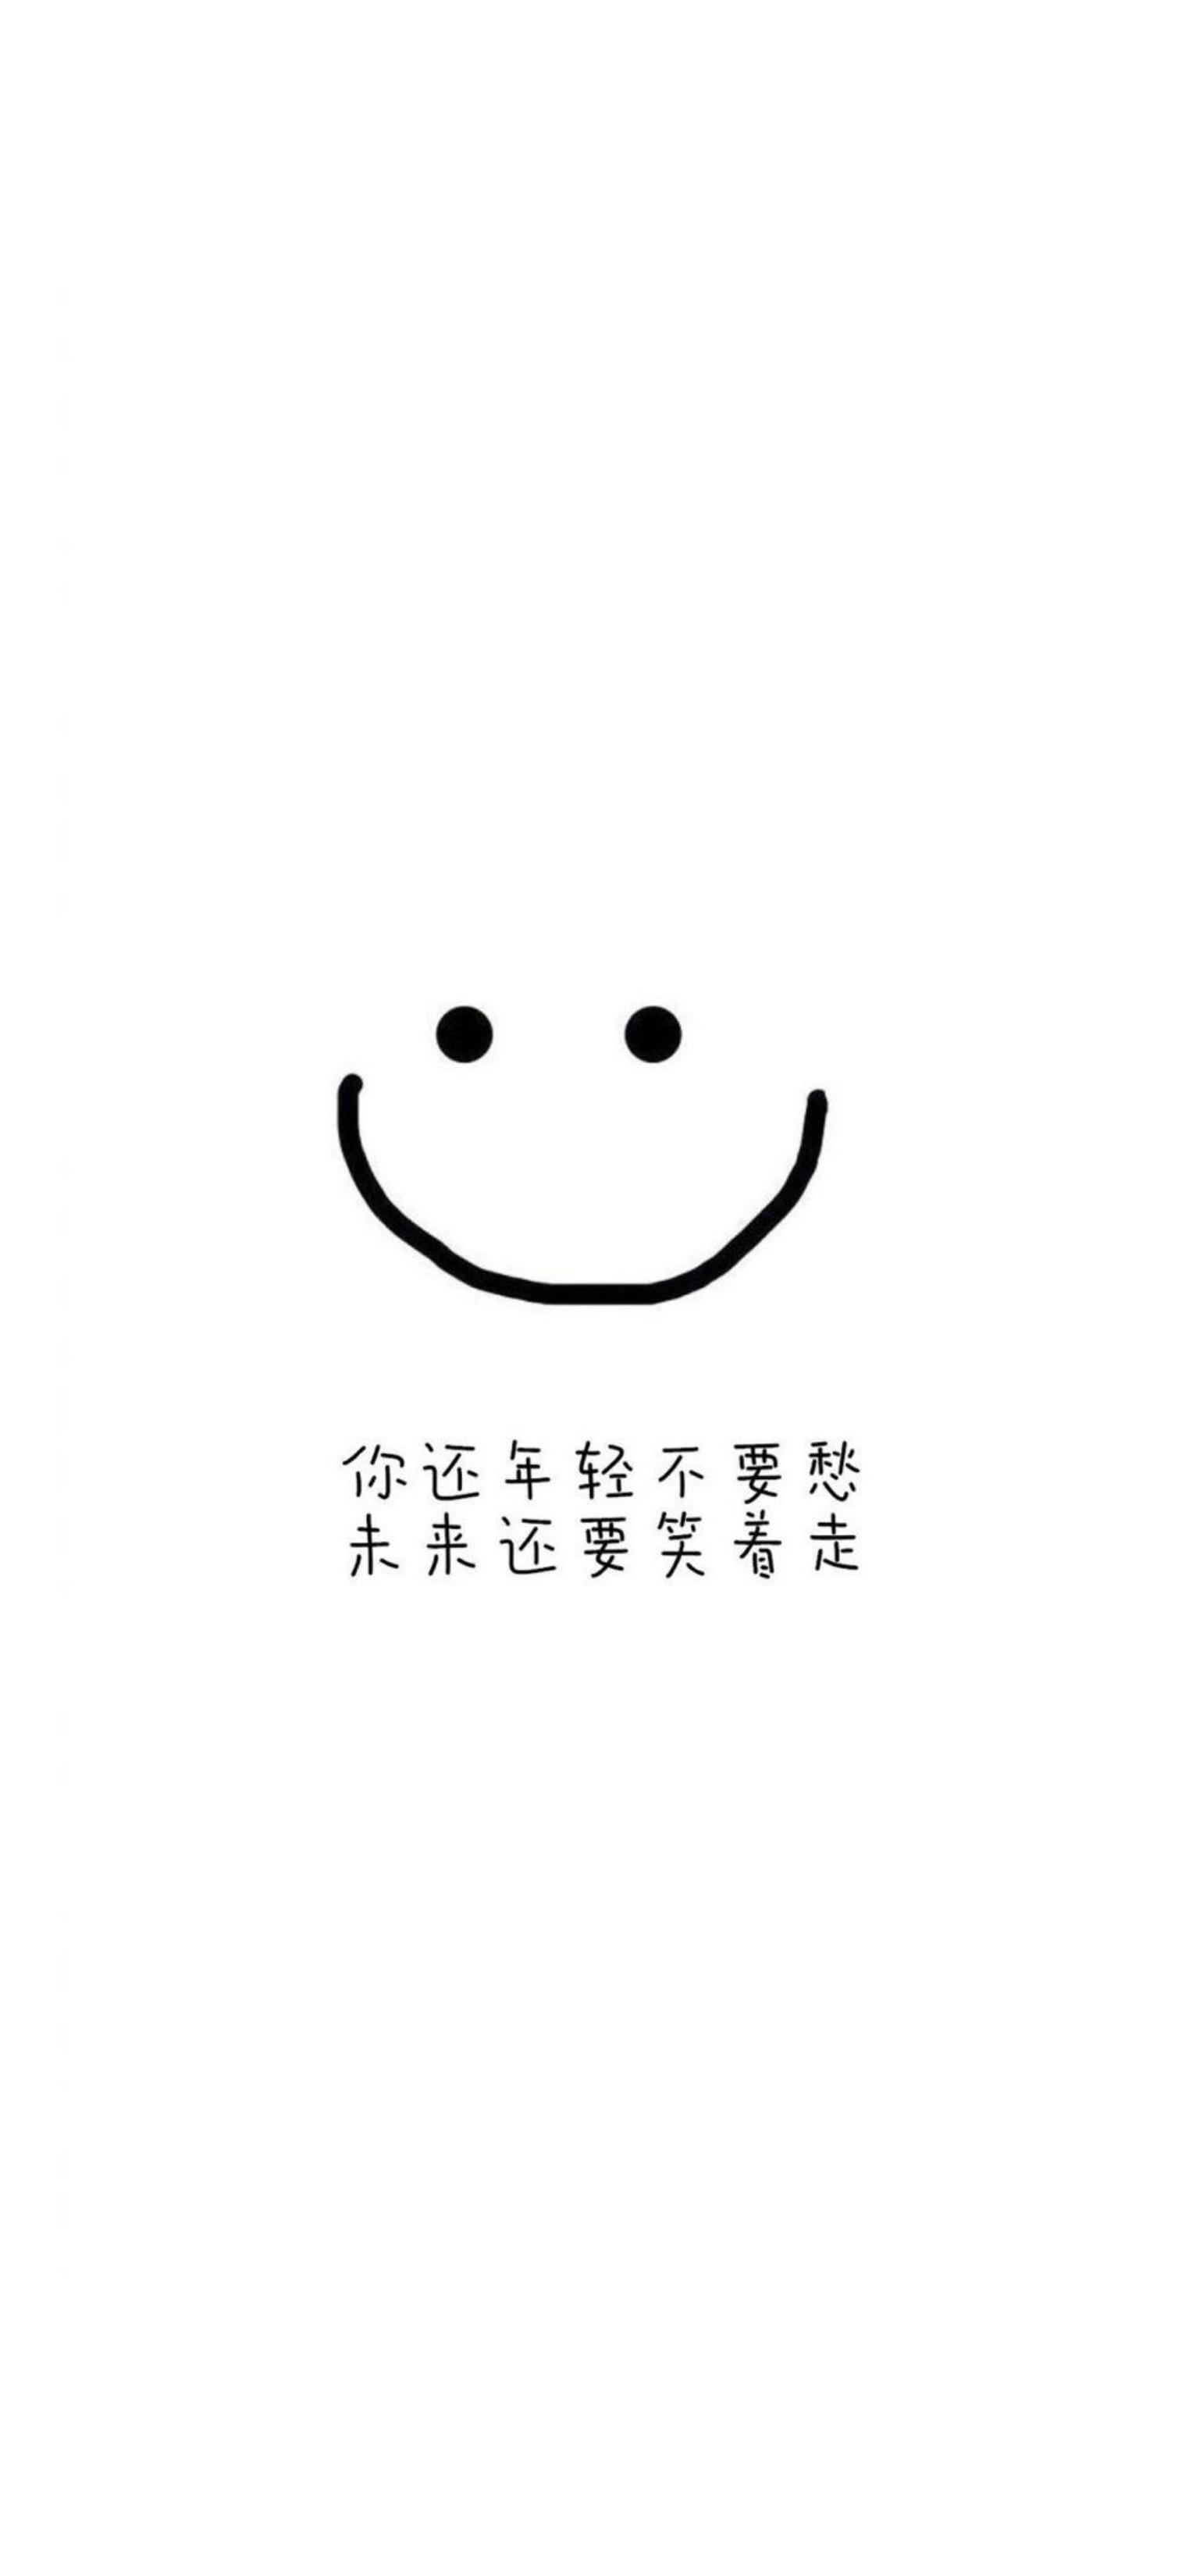 jike_56411732408095_pic.jpeg